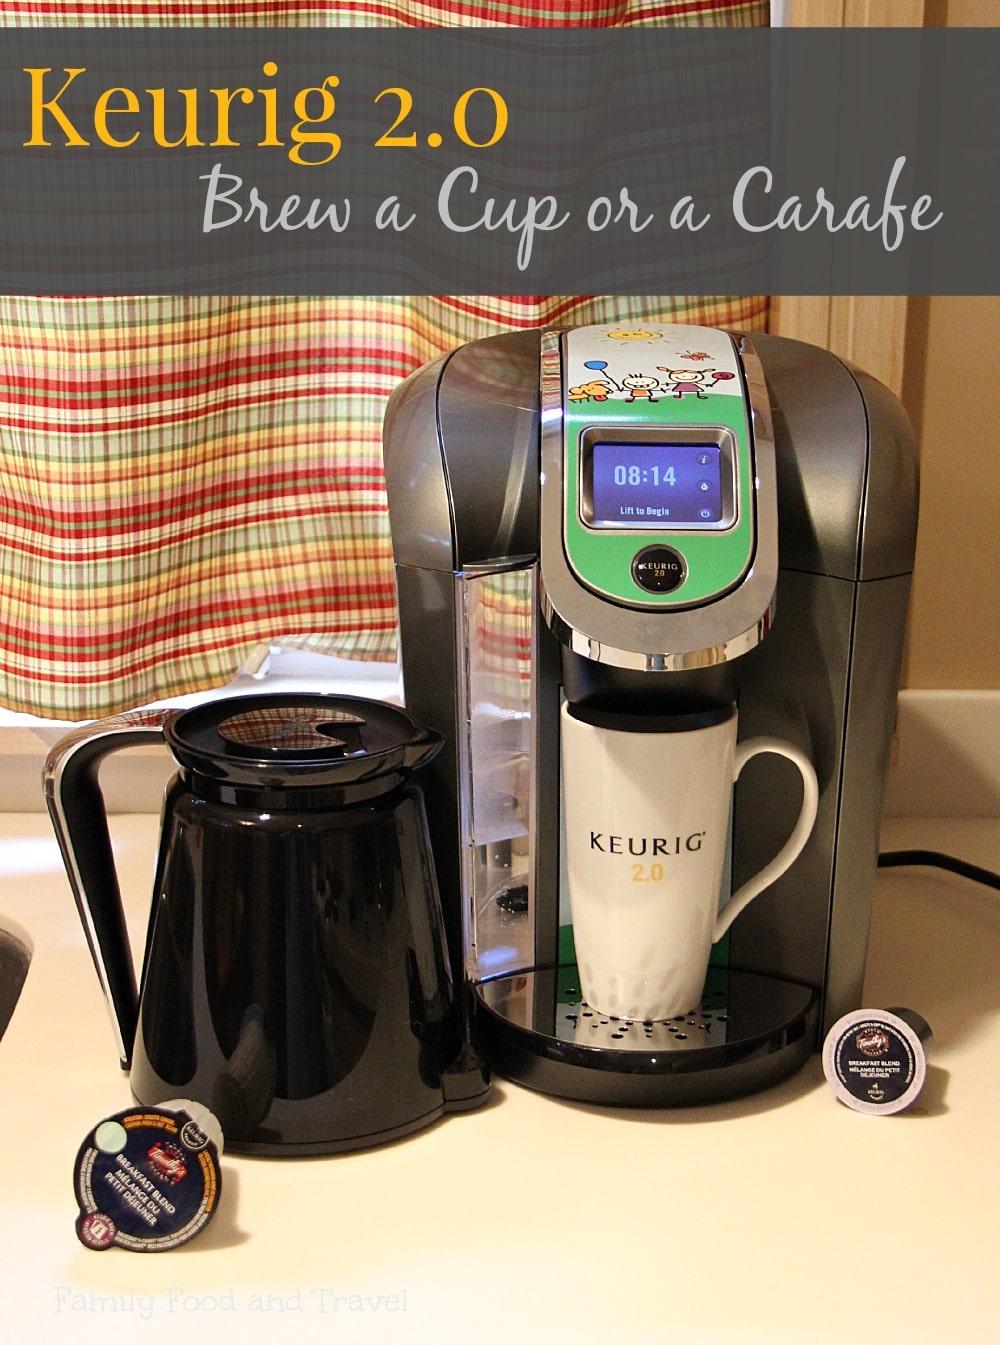 Keurig 2.0 Brew a Cup or Carafe